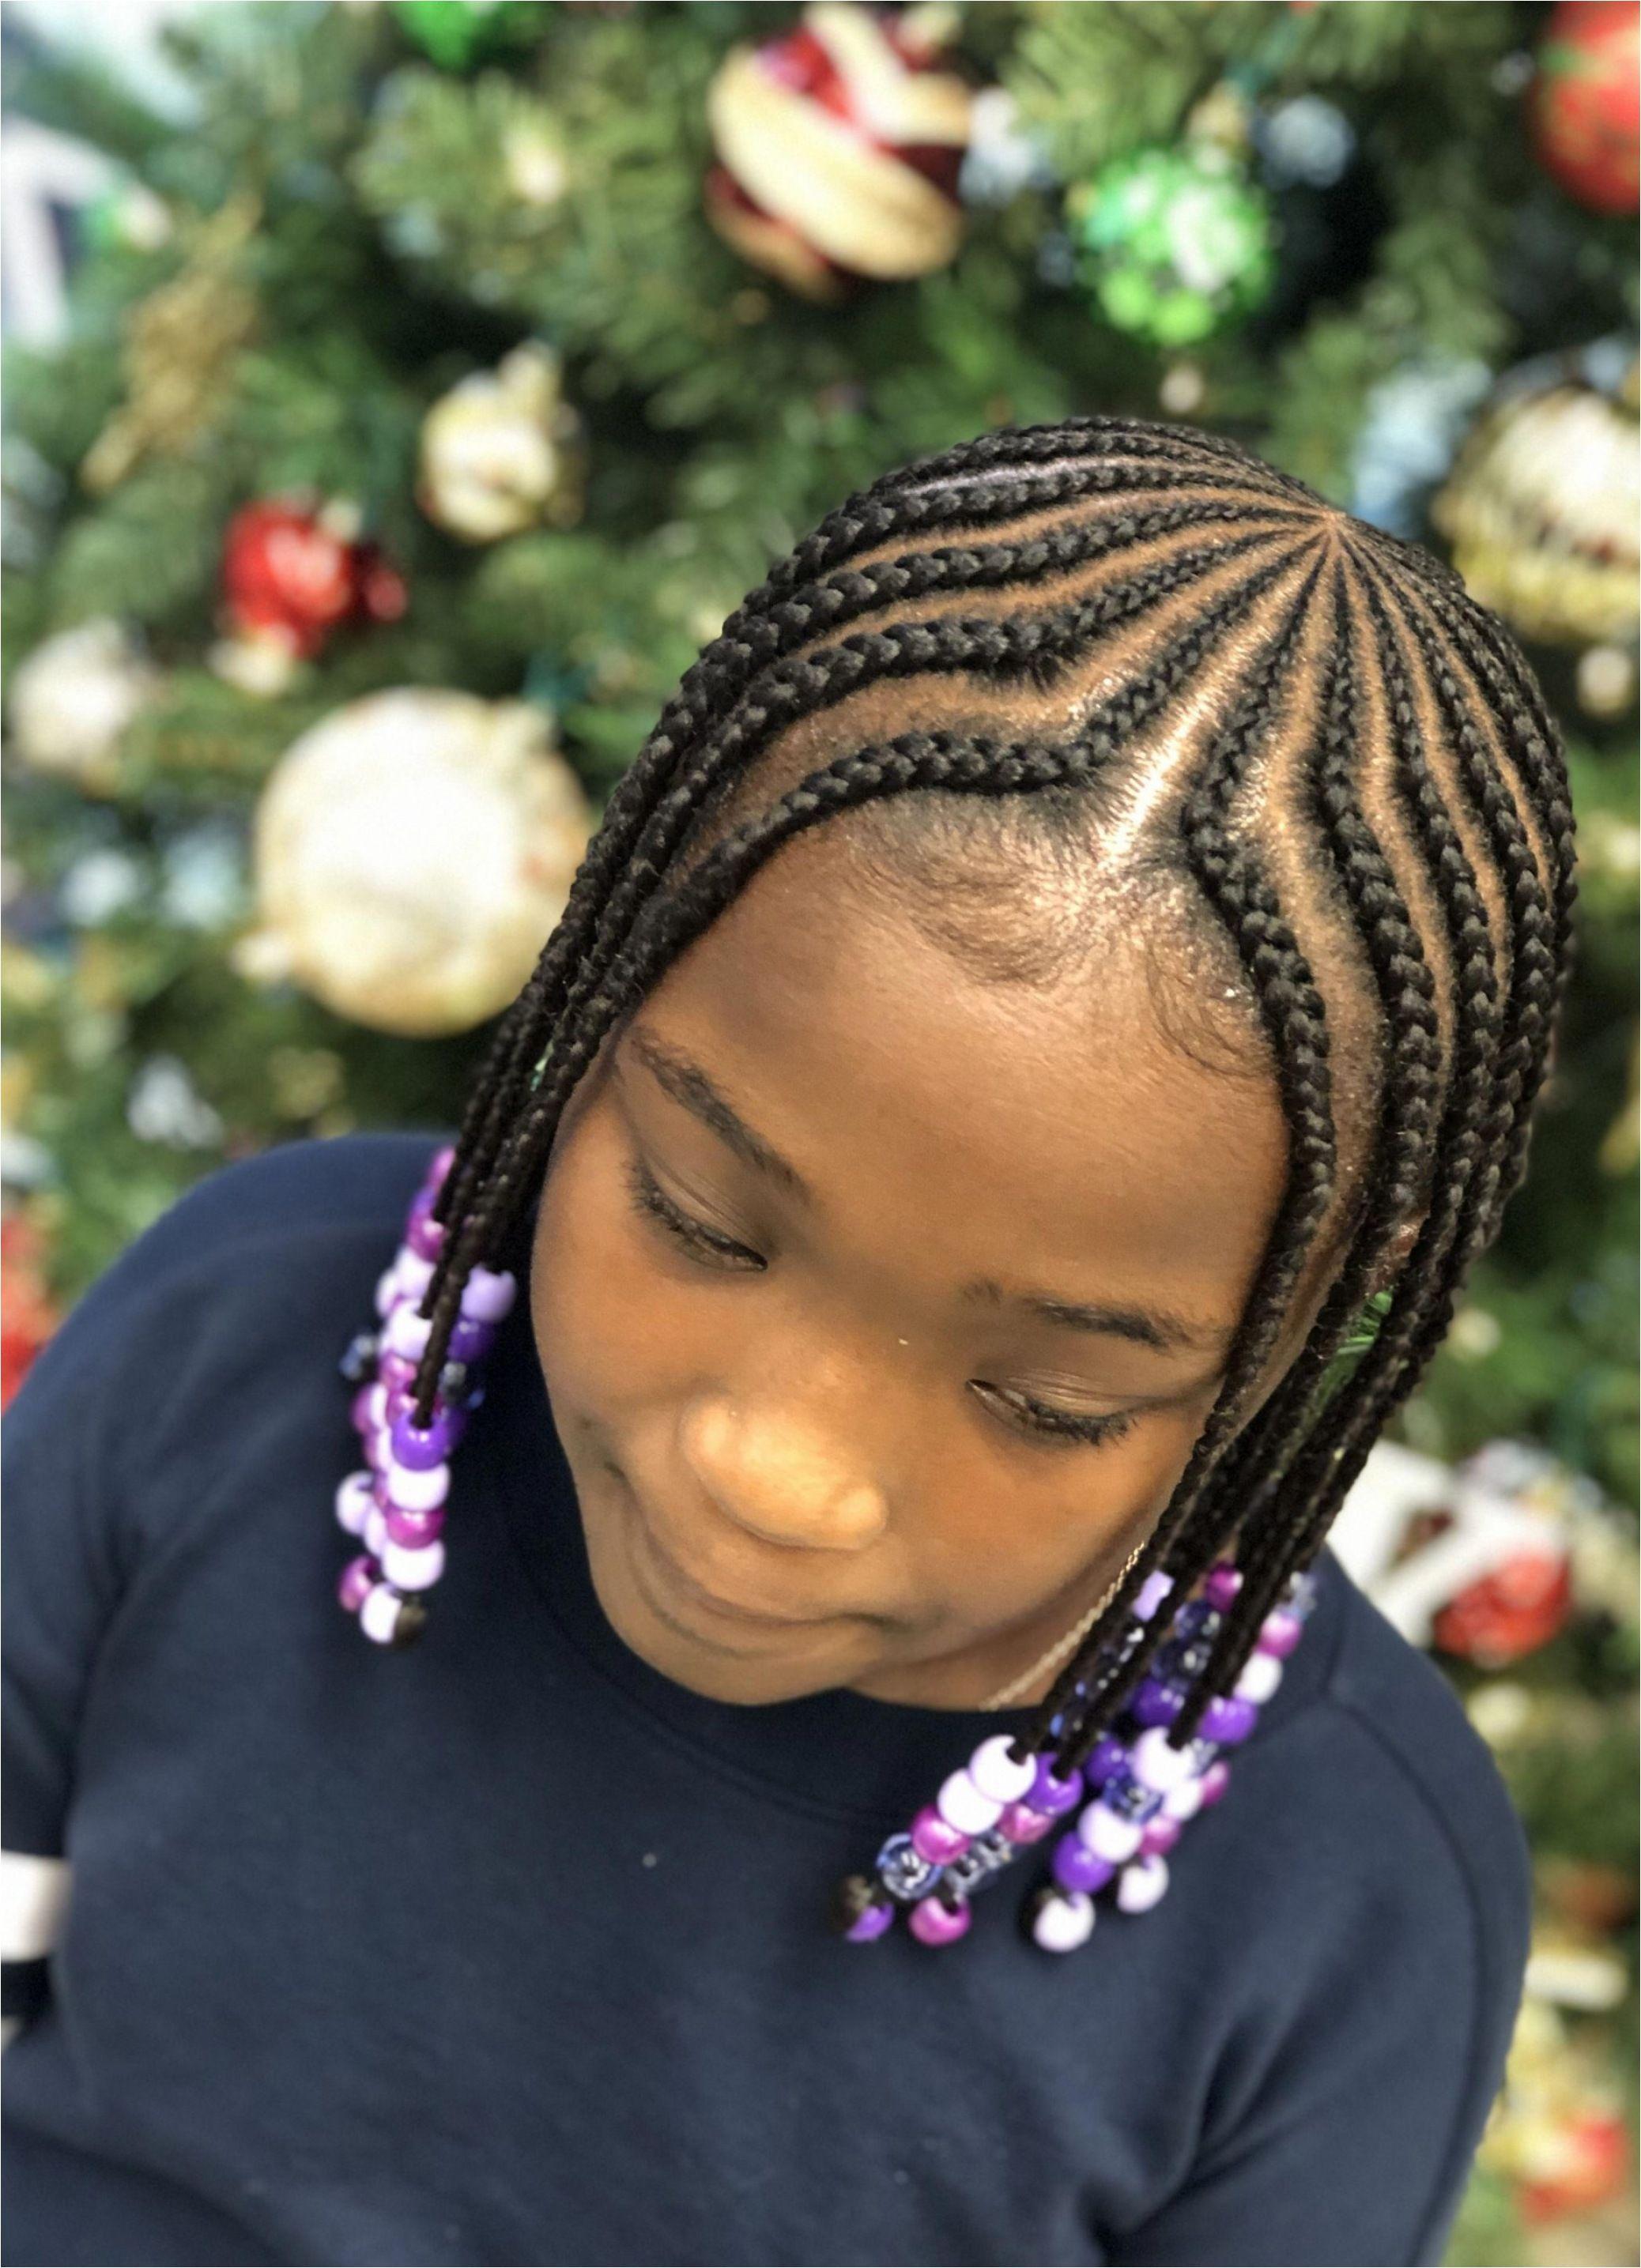 Pin On Baby Kids Toddler Hair